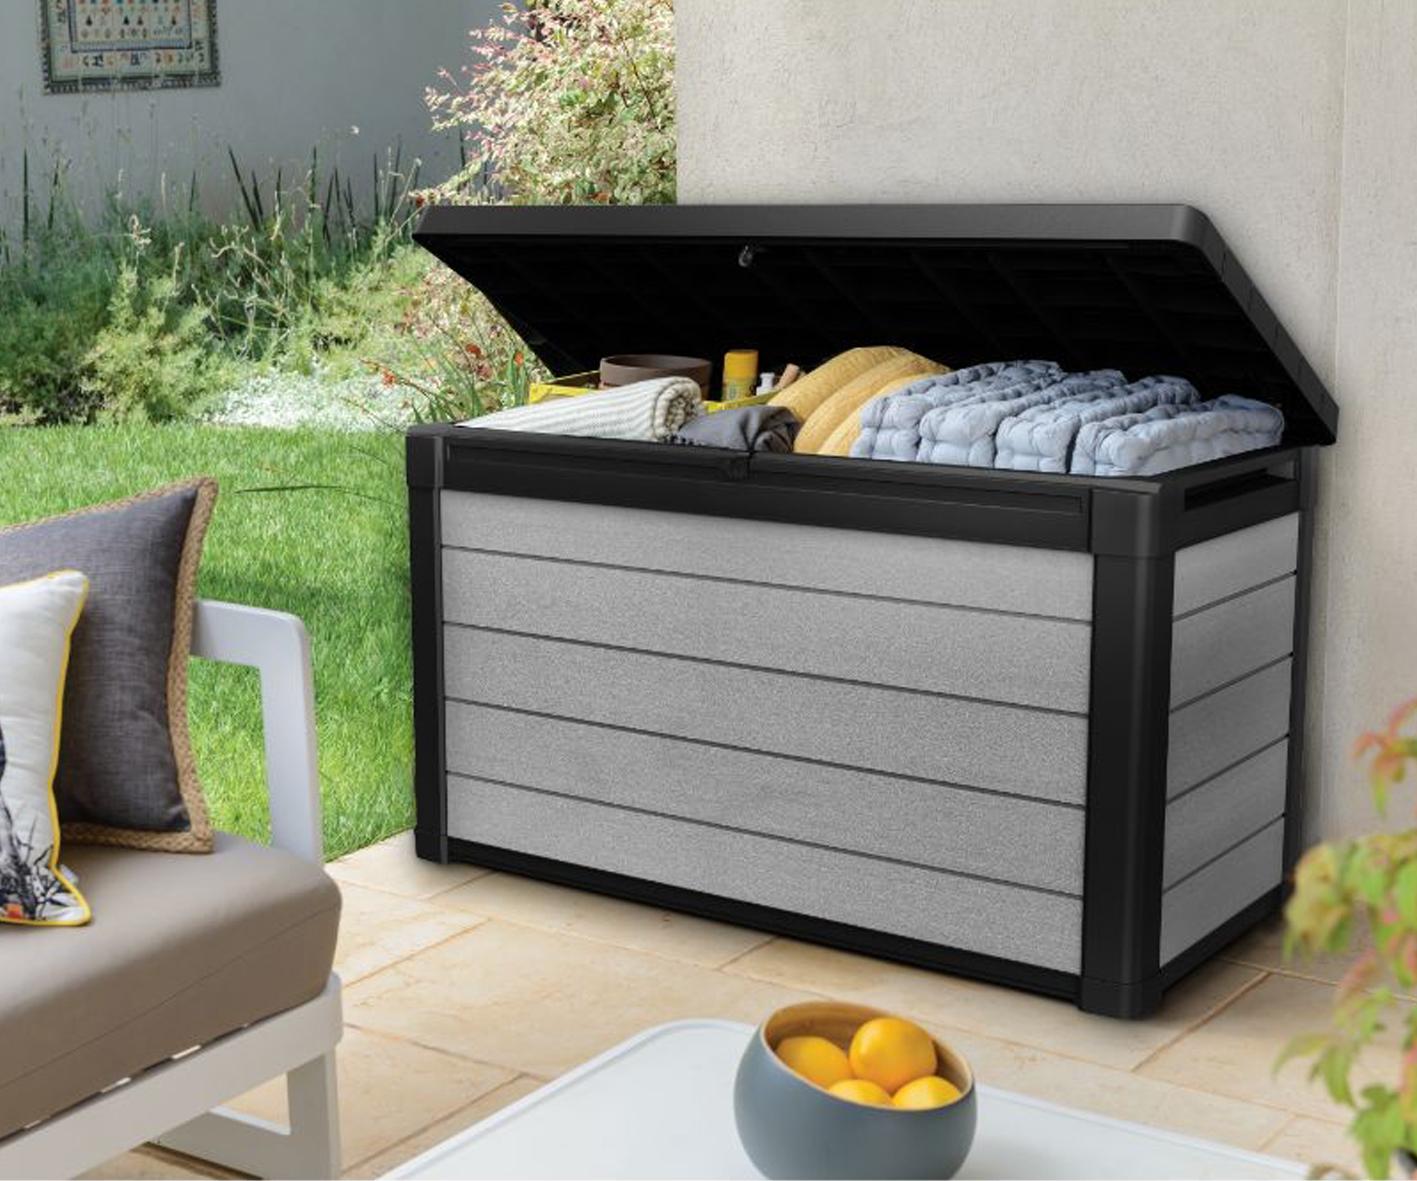 Denali garden box